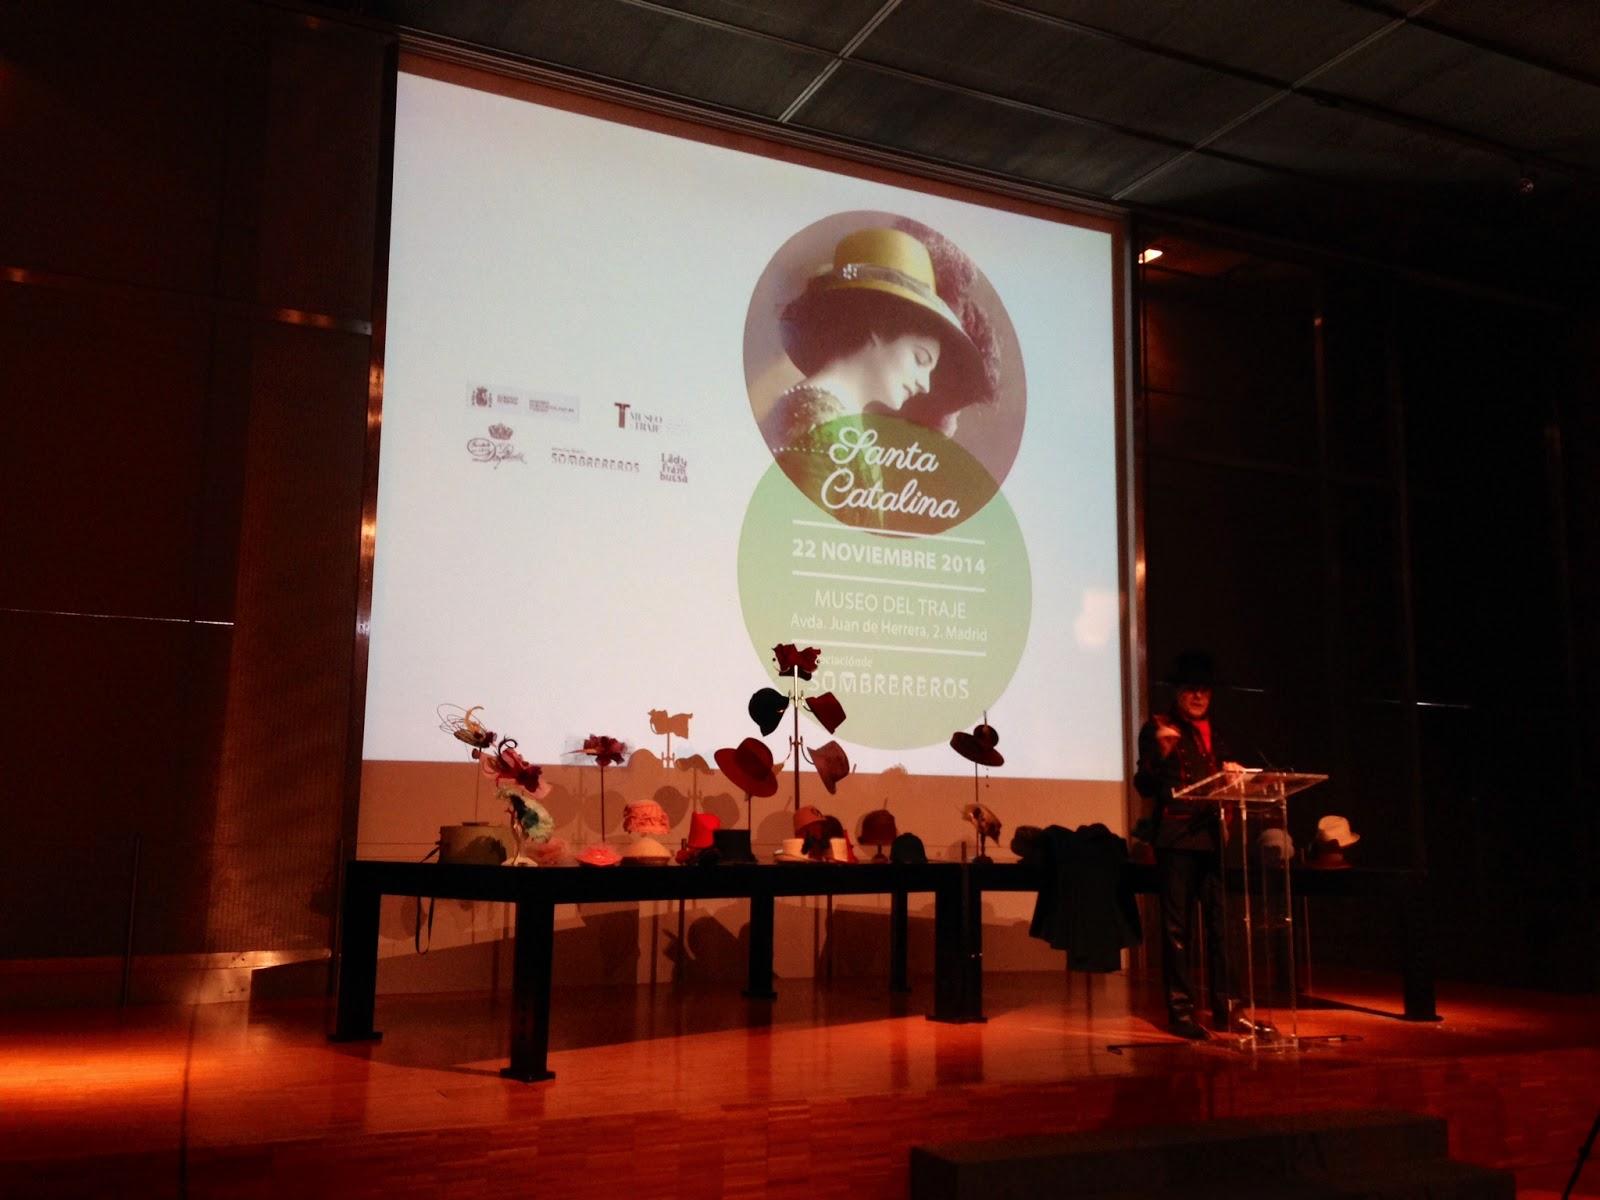 Pregón del día de Santa Catalina por Juan Pablo Silvestre en el Museo del Traje